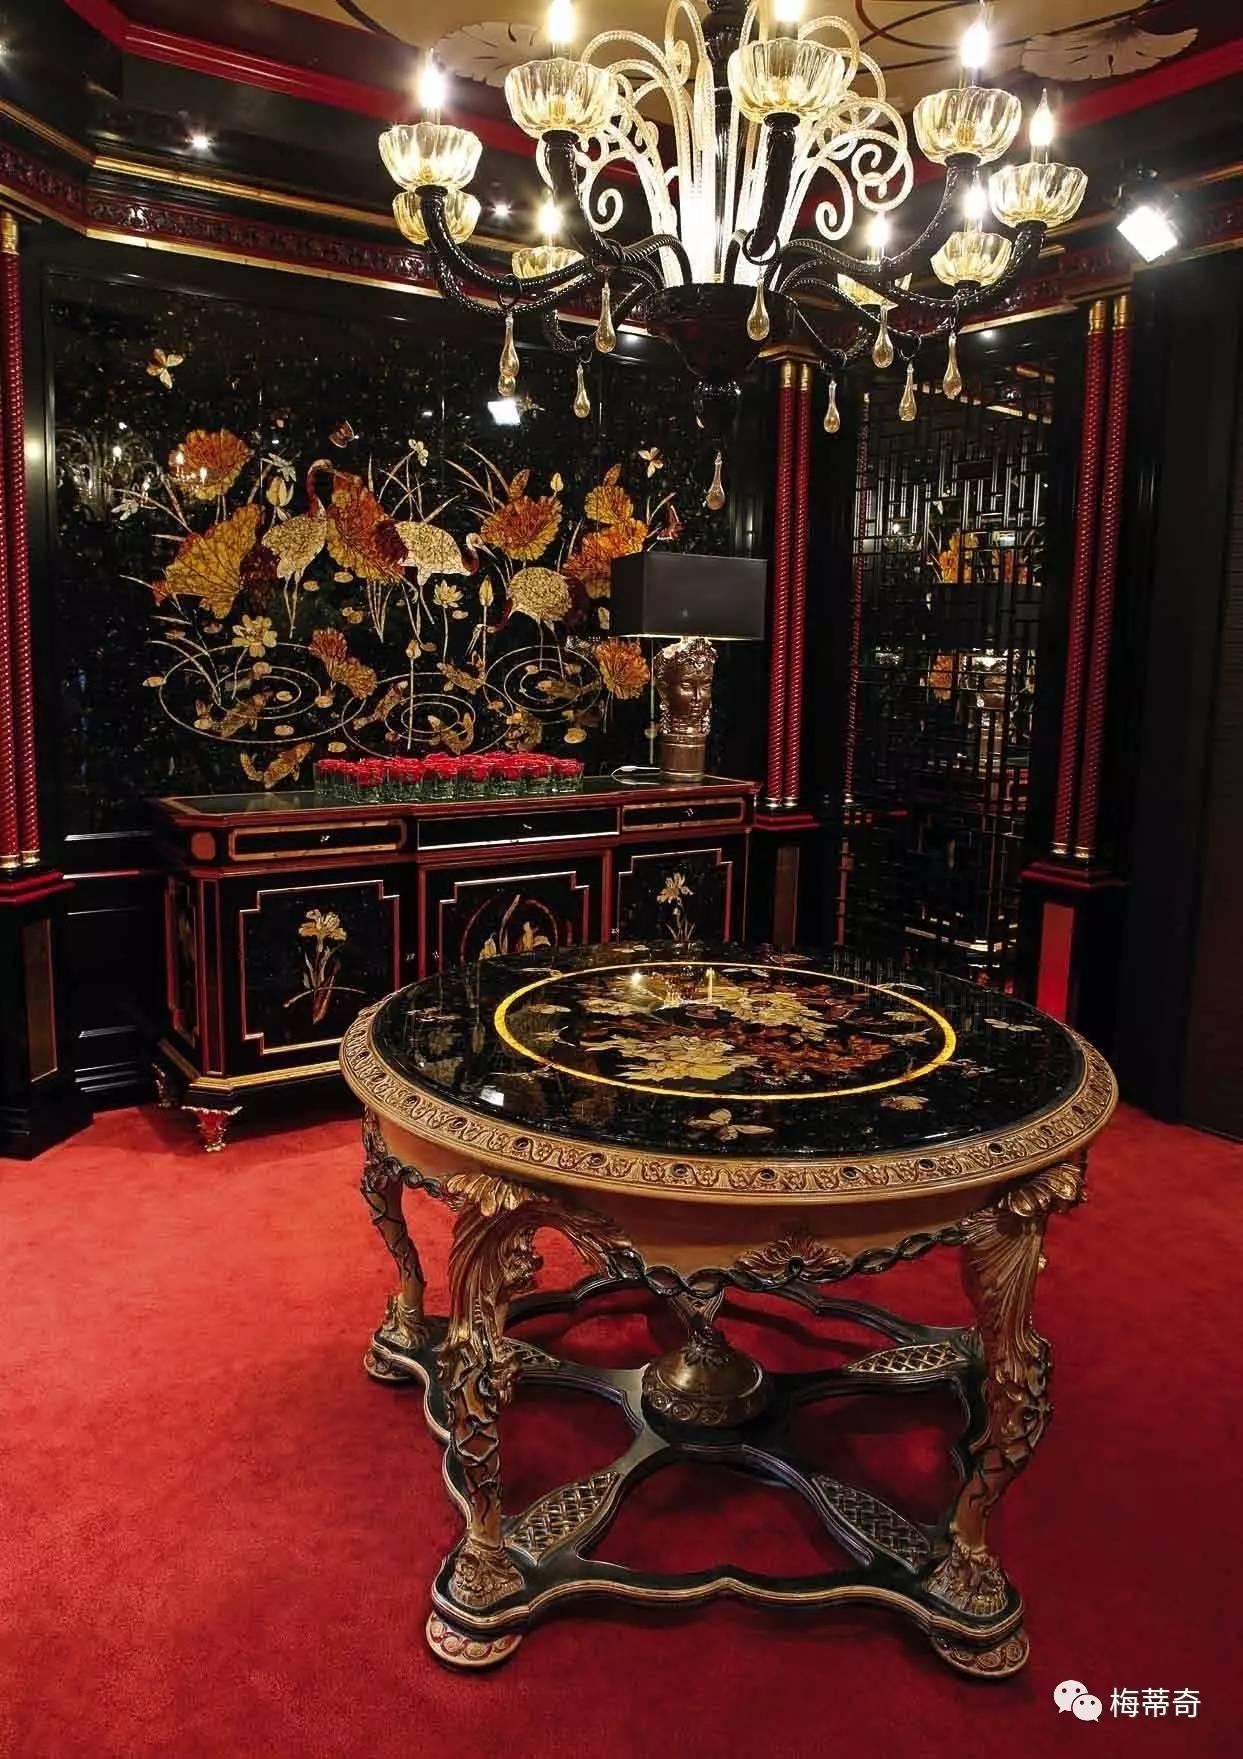 欧式家居中的中国元素 梅蒂奇